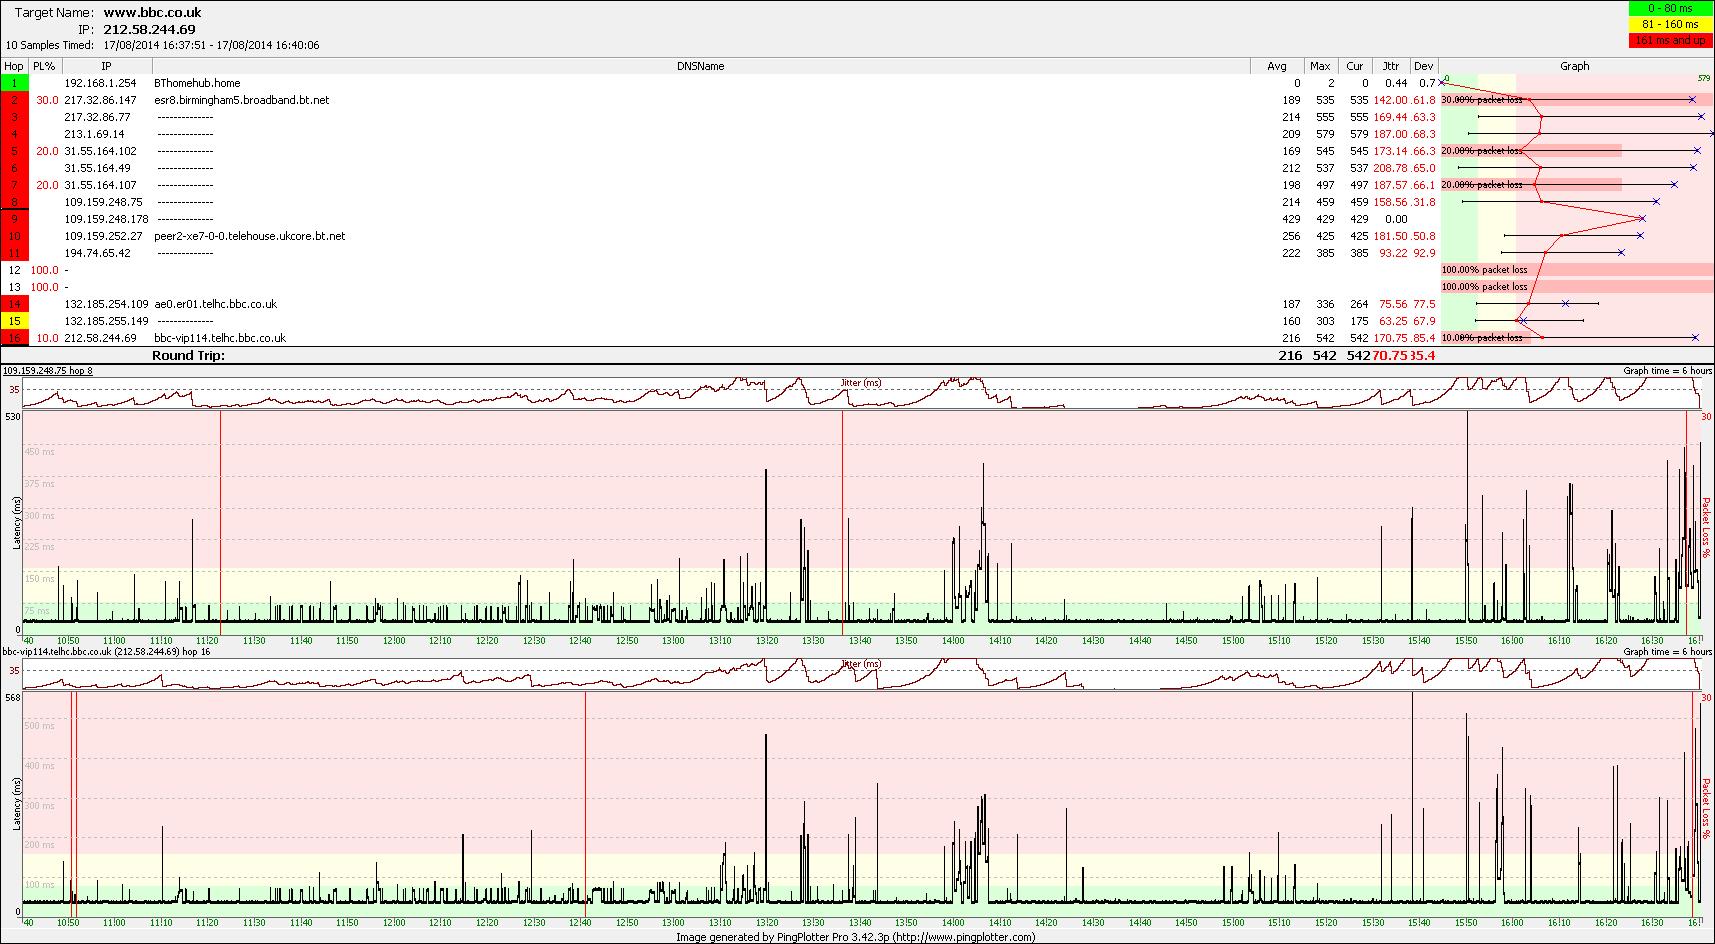 https://bt.i.lithium.com/t5/image/serverpage/image-id/33265iA4BB23BFAF5D71D4/image-size/original?v=v2&px=-1